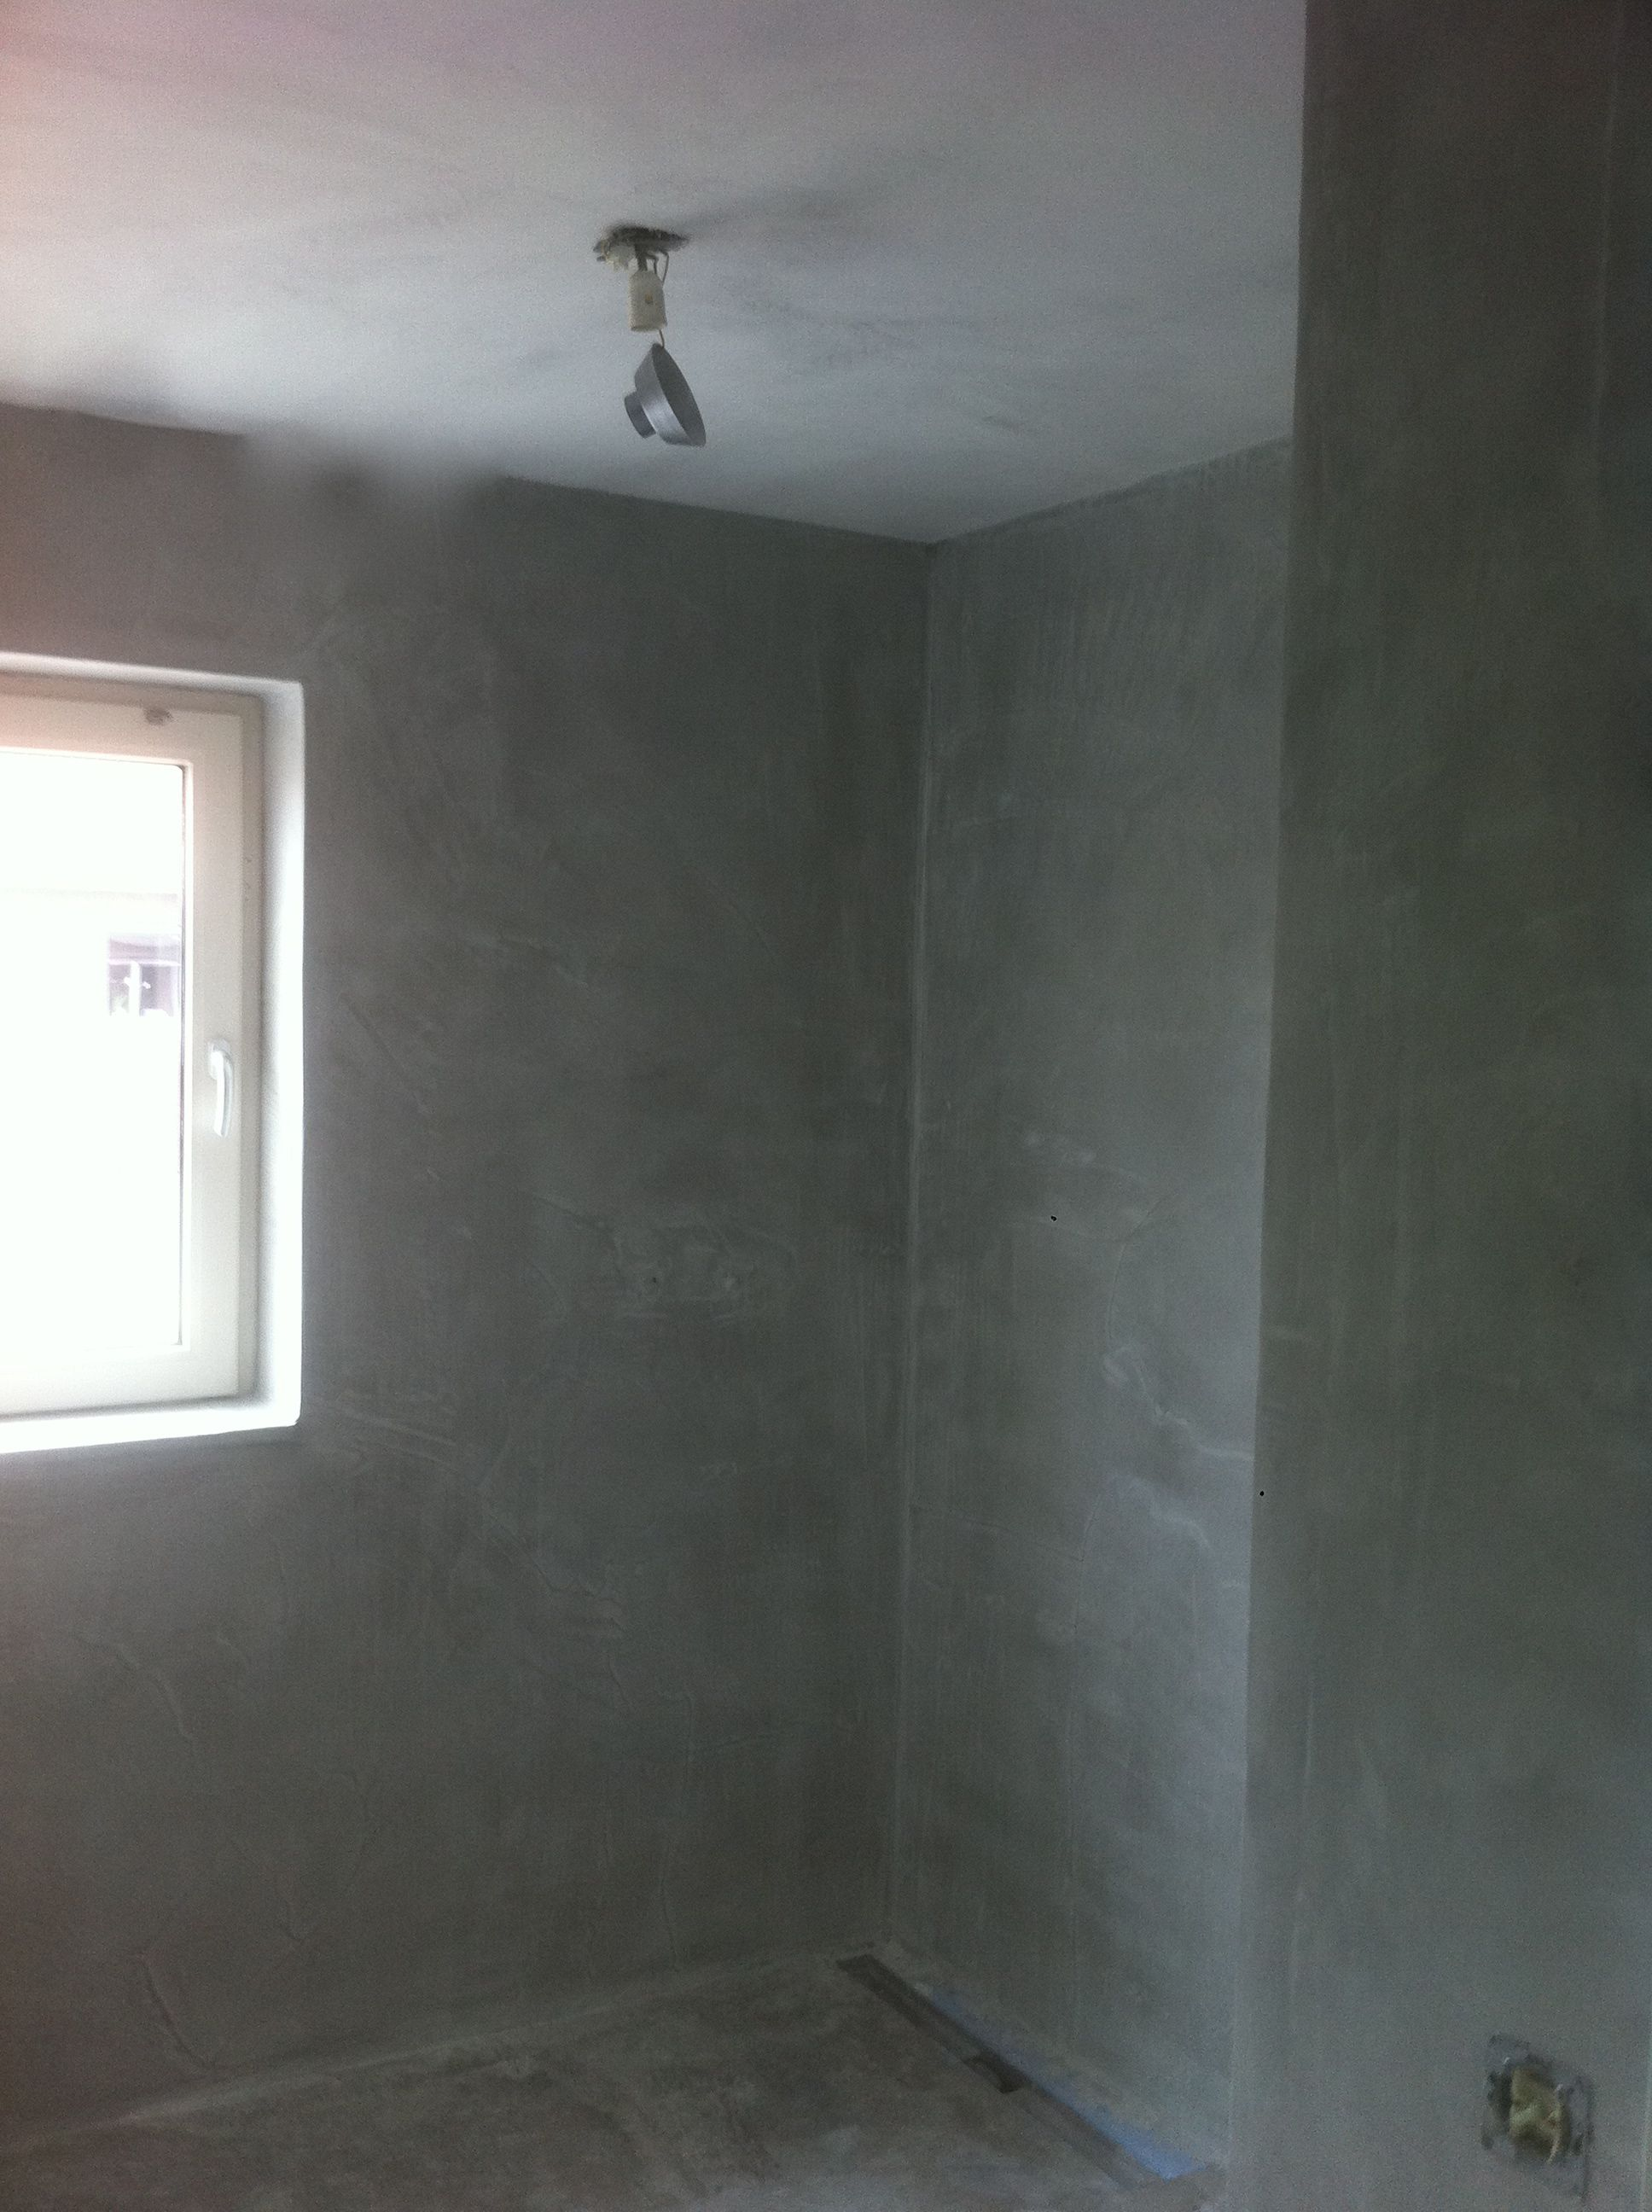 Mooie Pandomo Wall in de badkamer. Project in Alkmaar. | Vloer & Zo ...